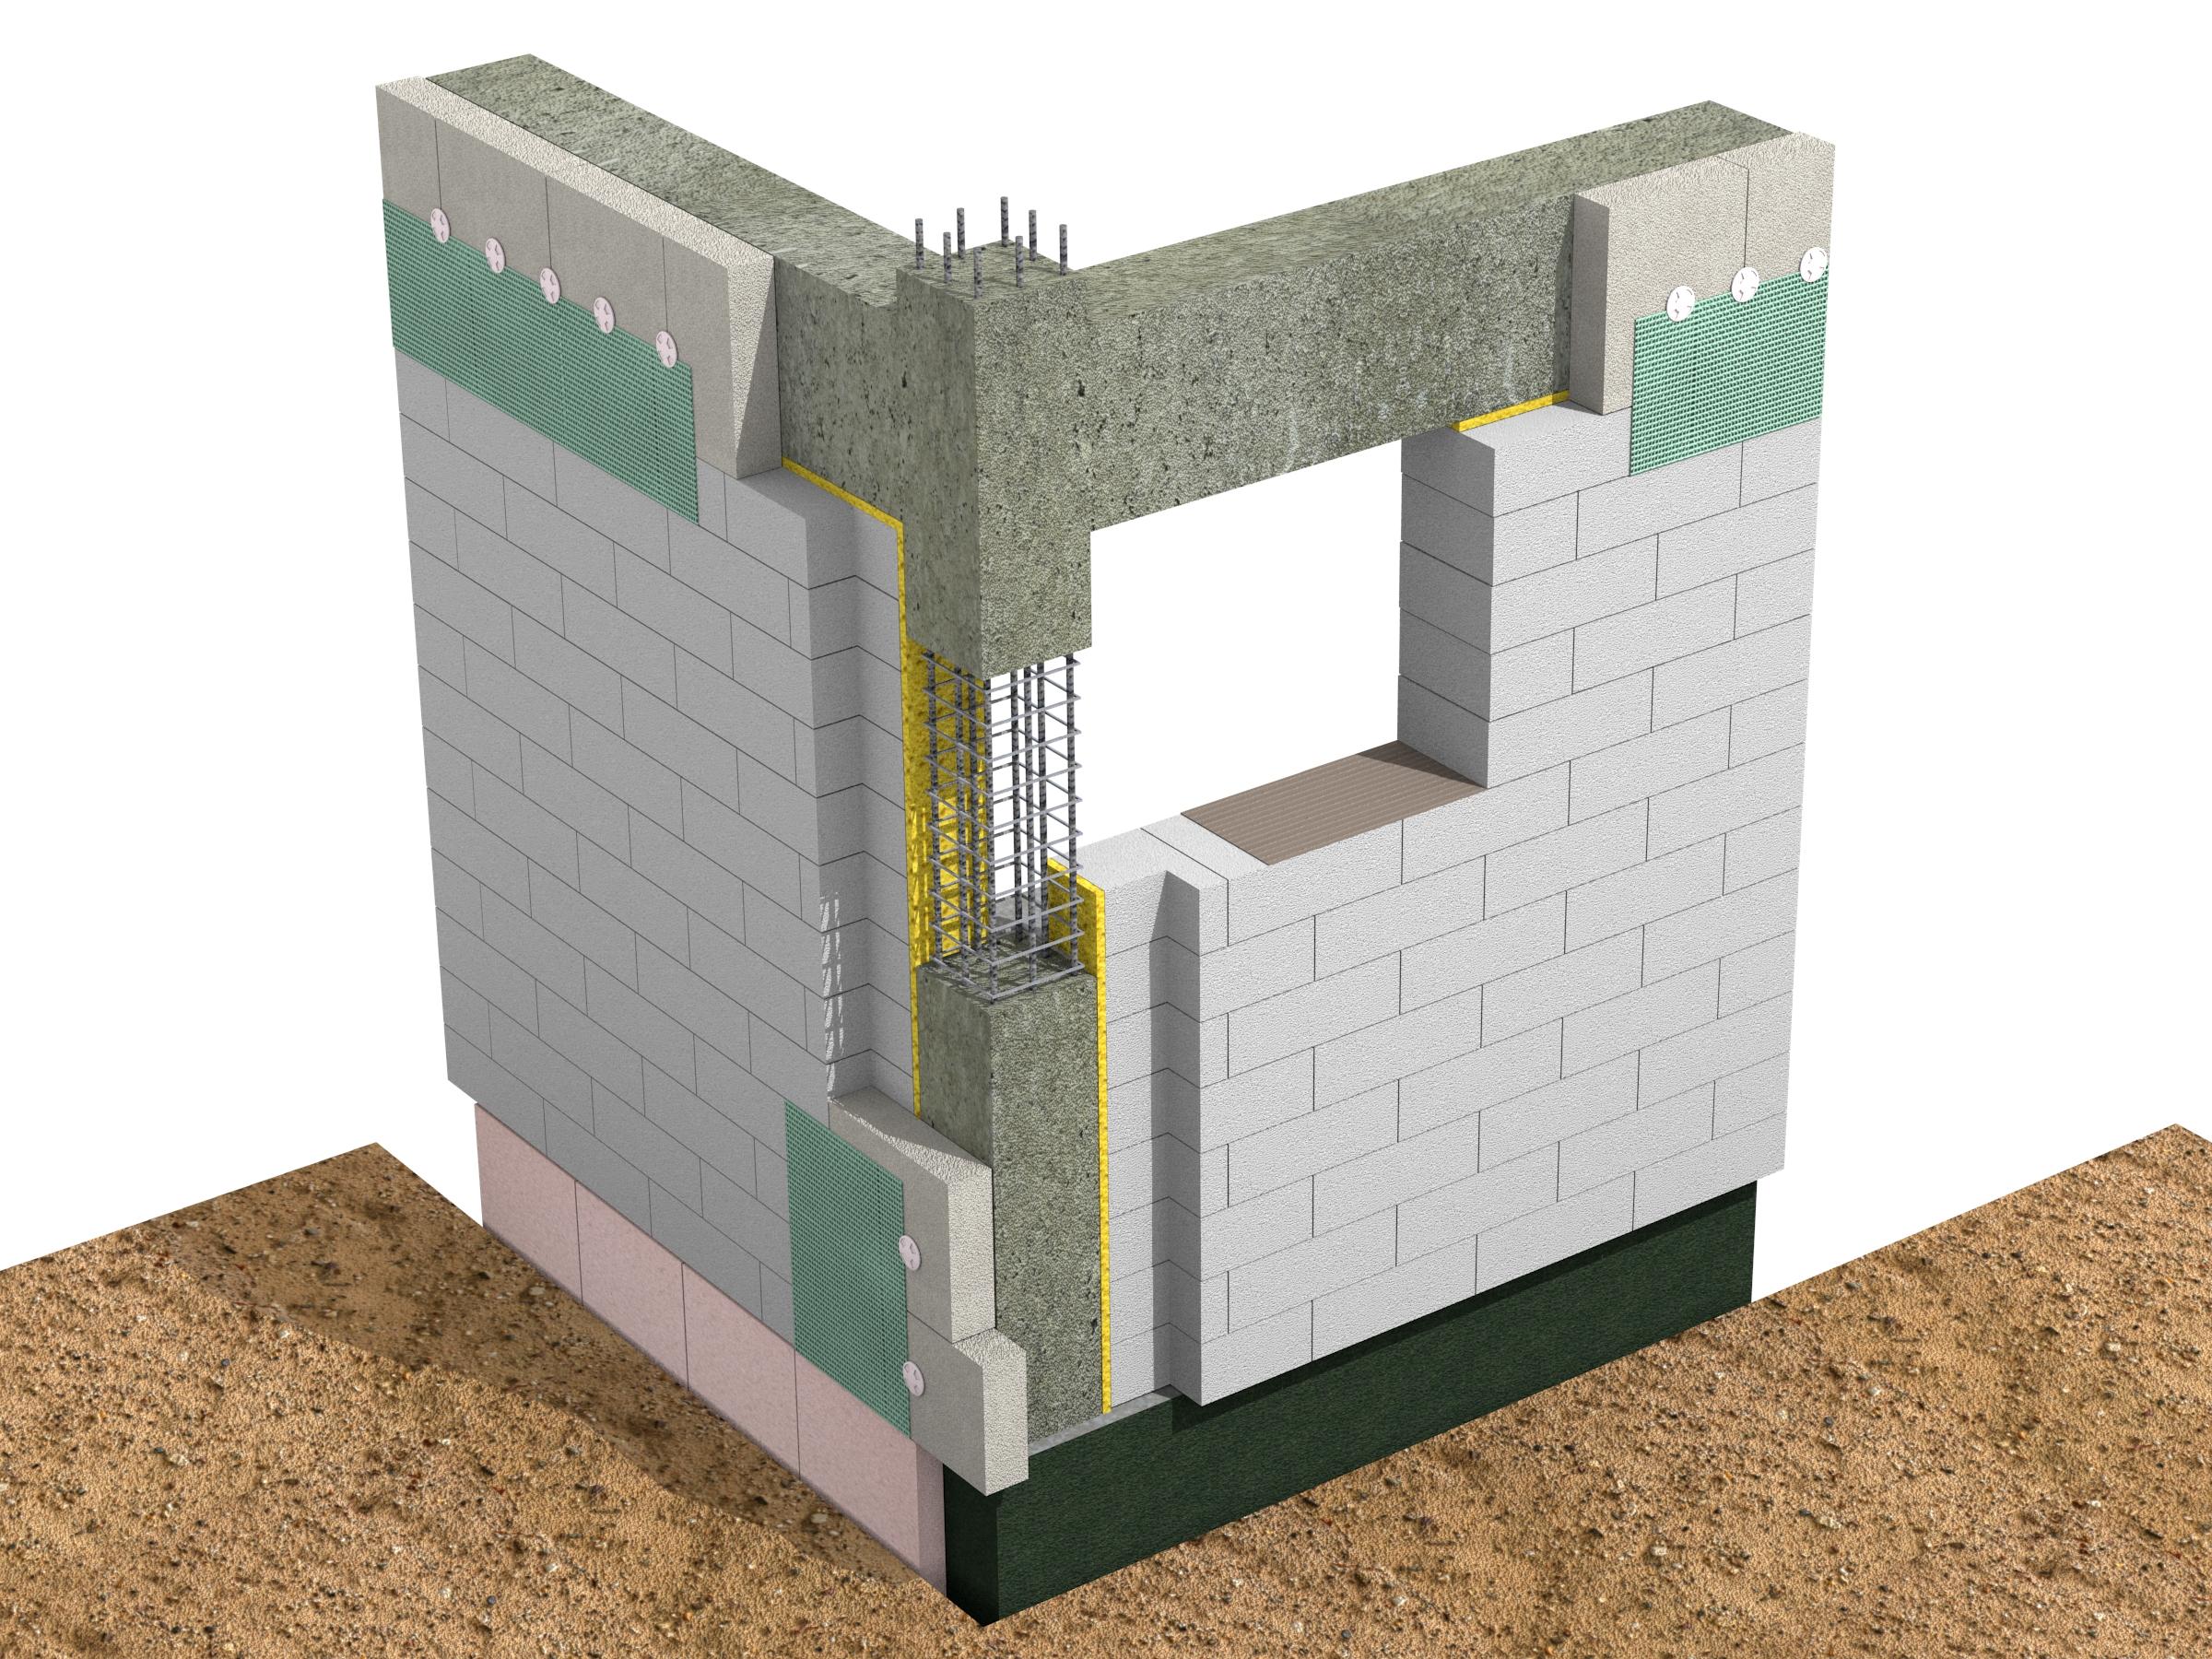 Racord de colt structura in cadre - atenuare punti termice in cazul zidariei monostrat - Racordul cu elementele structurale - detalii de camp / Compensarea puntilor termice - detalii de colt